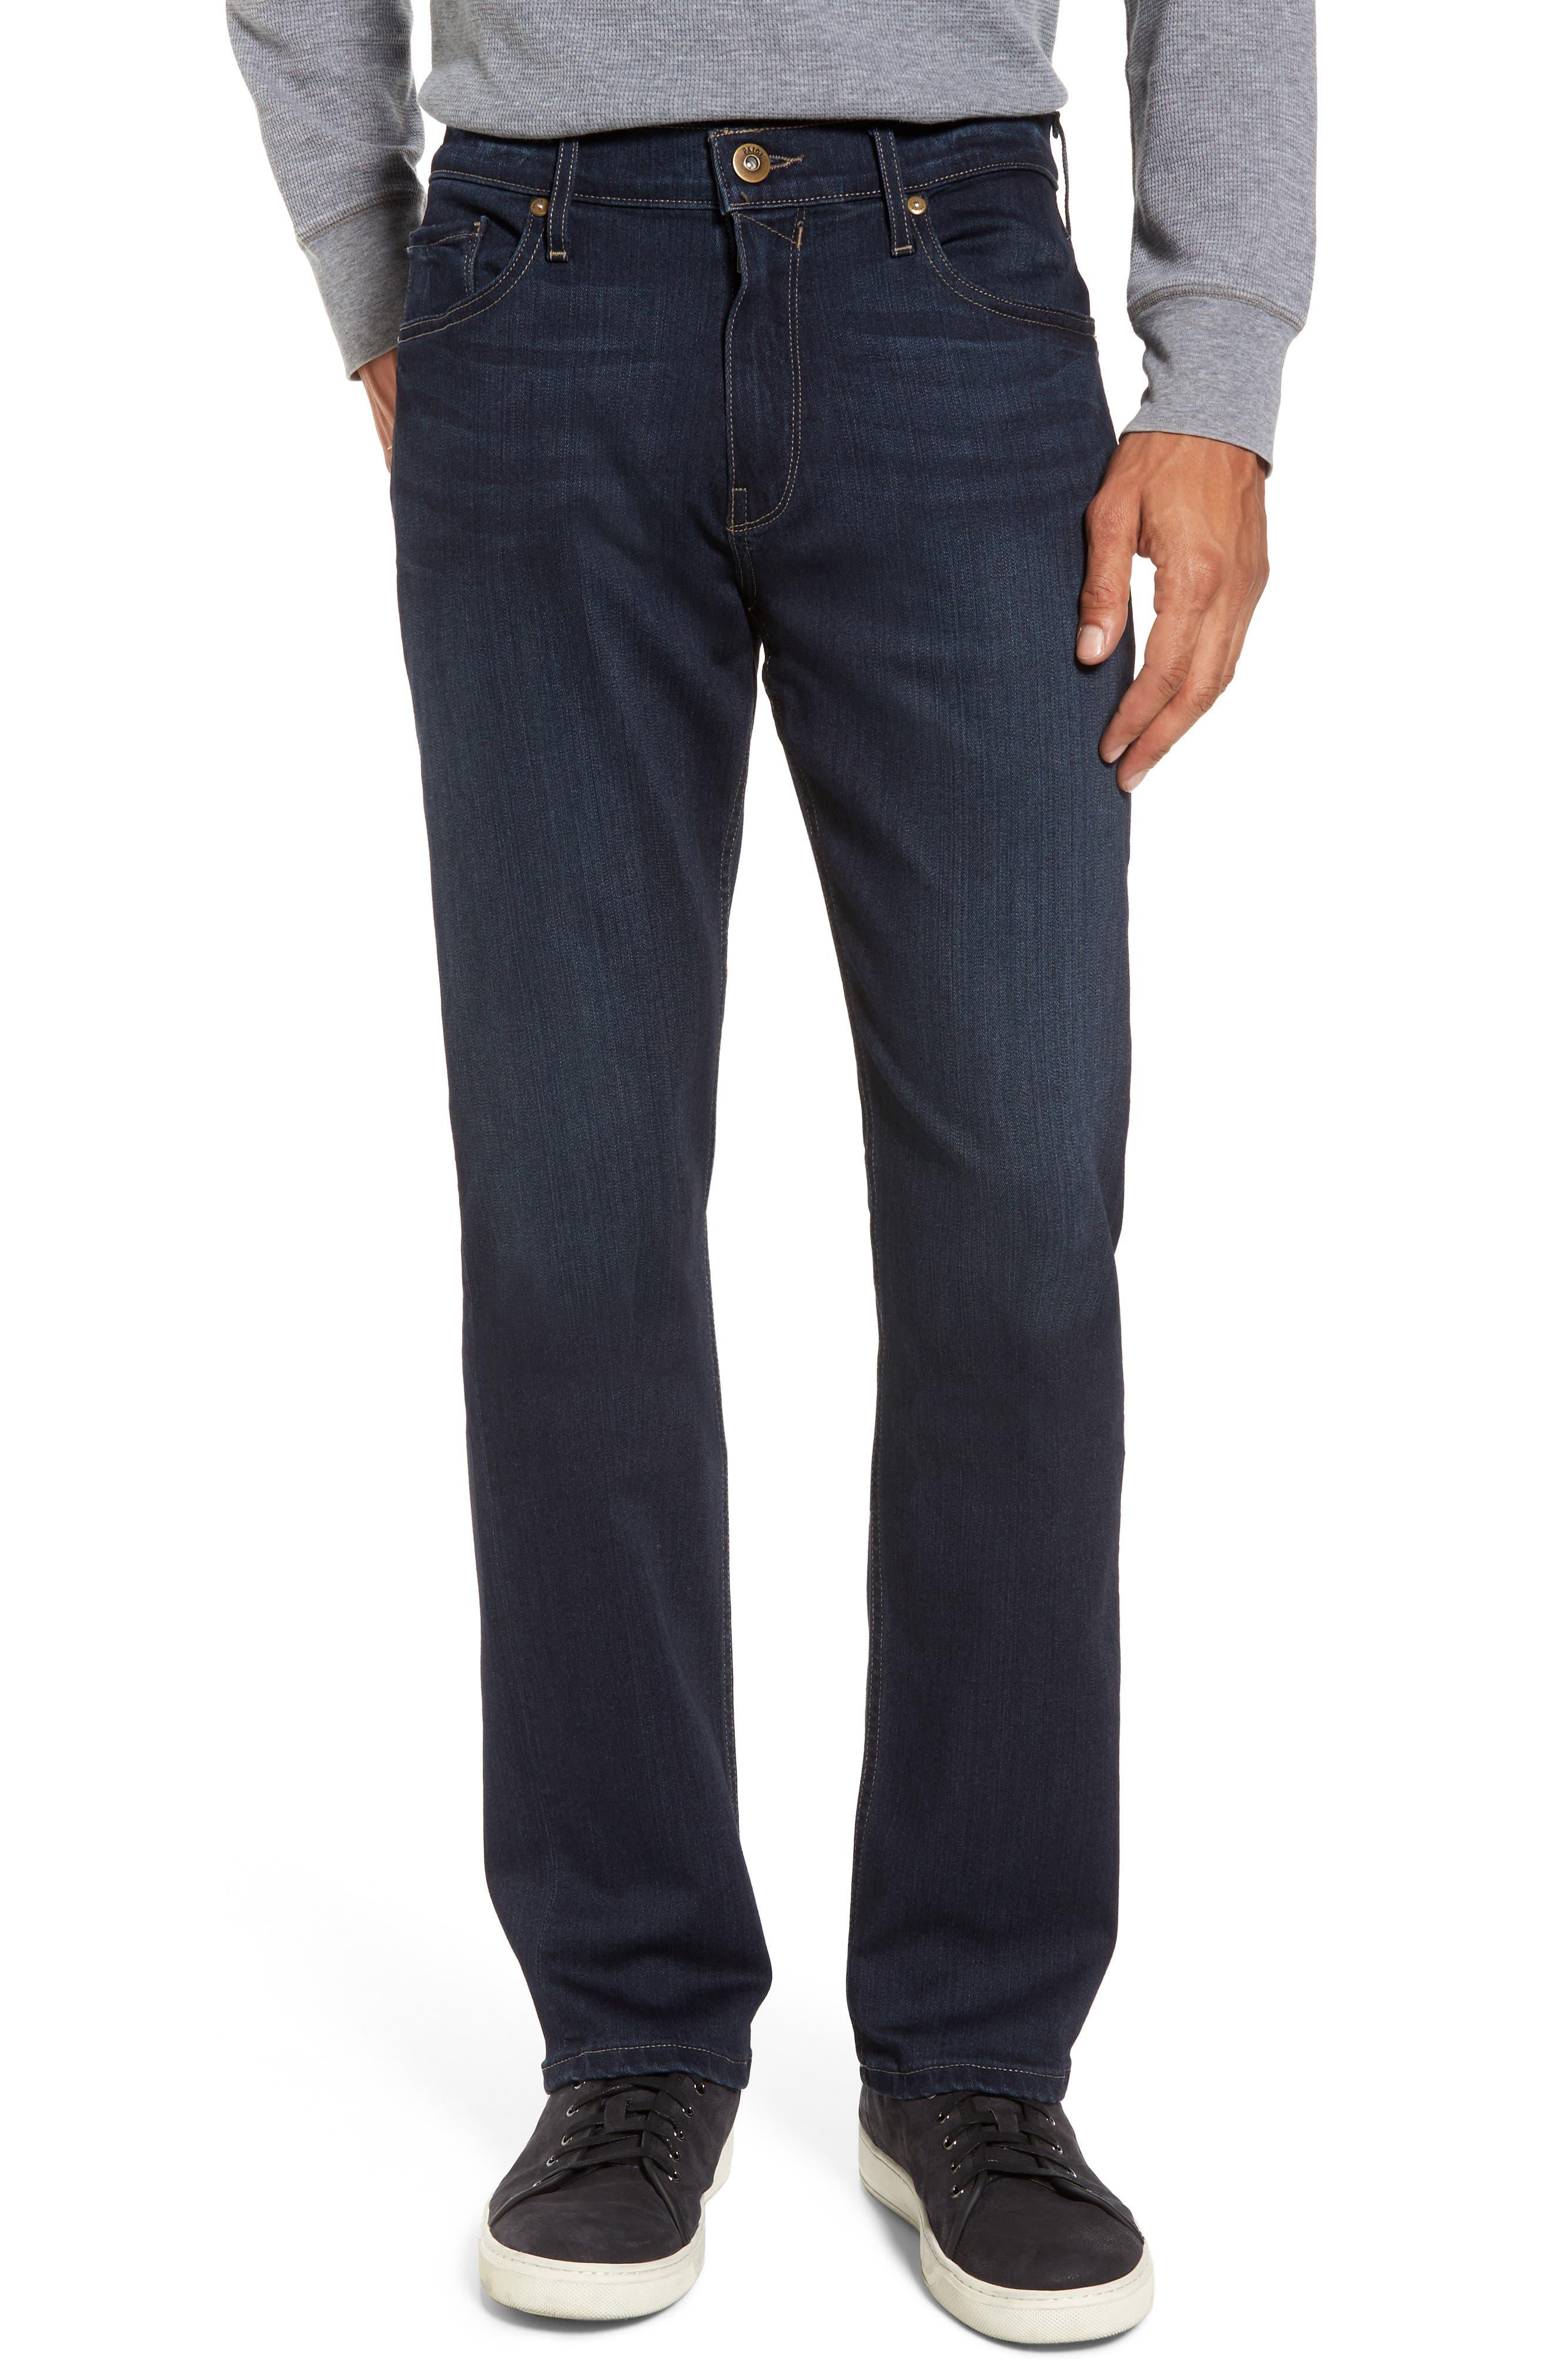 Transcend - Normandie Straight Fit Jeans,                             Main thumbnail 1, color,                             Barrington